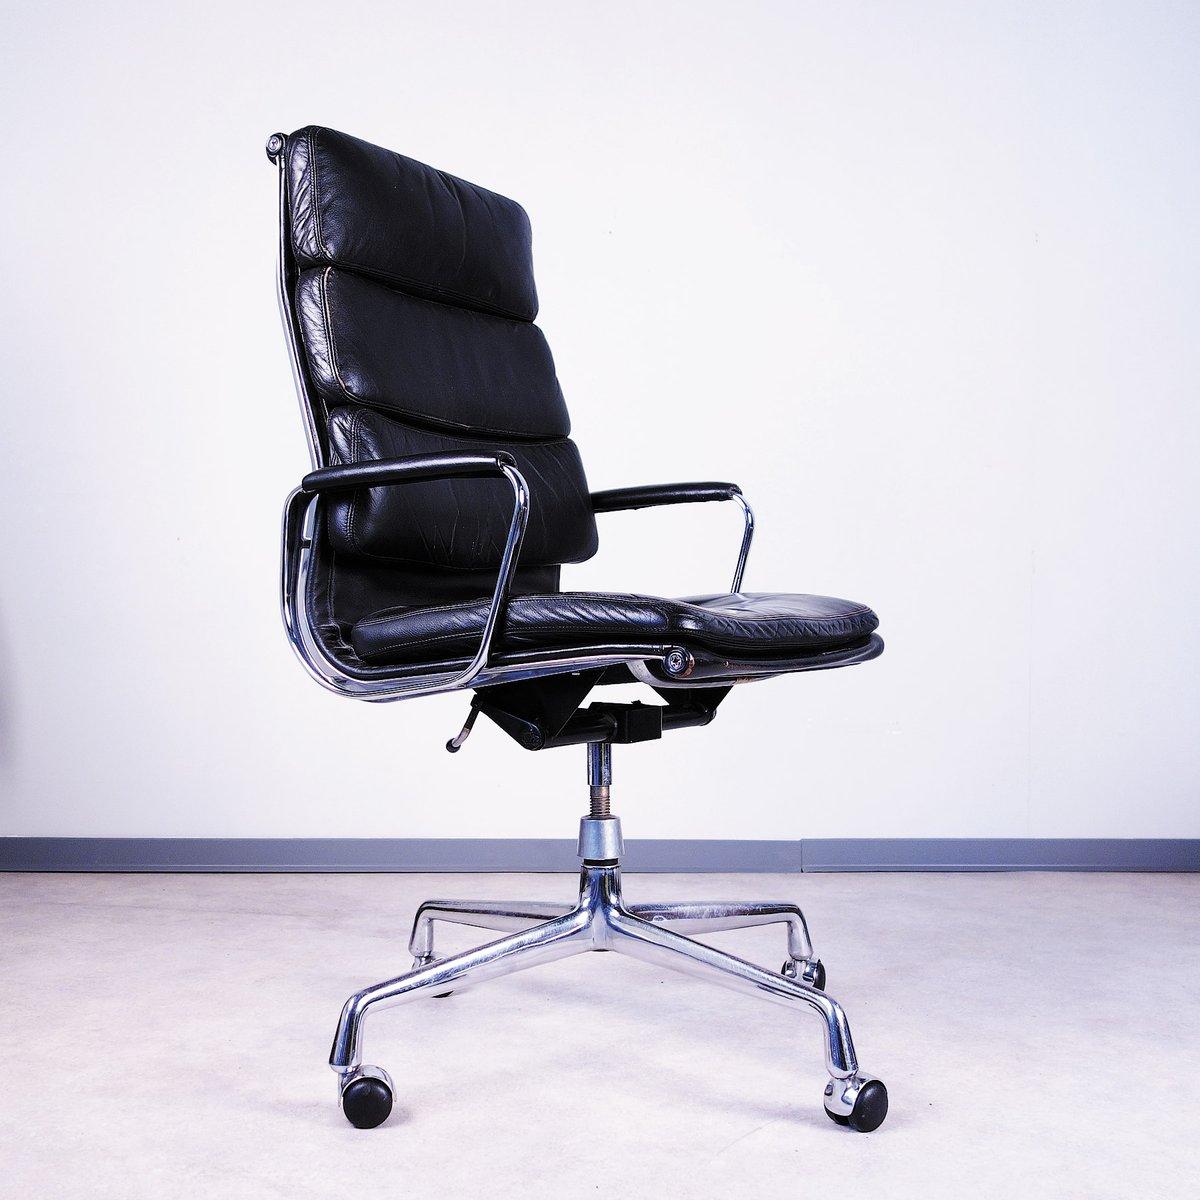 Charles Eames Bürostuhl vintage ea 219 pad bürostuhl charles eames für herman miller bei pamono kaufen